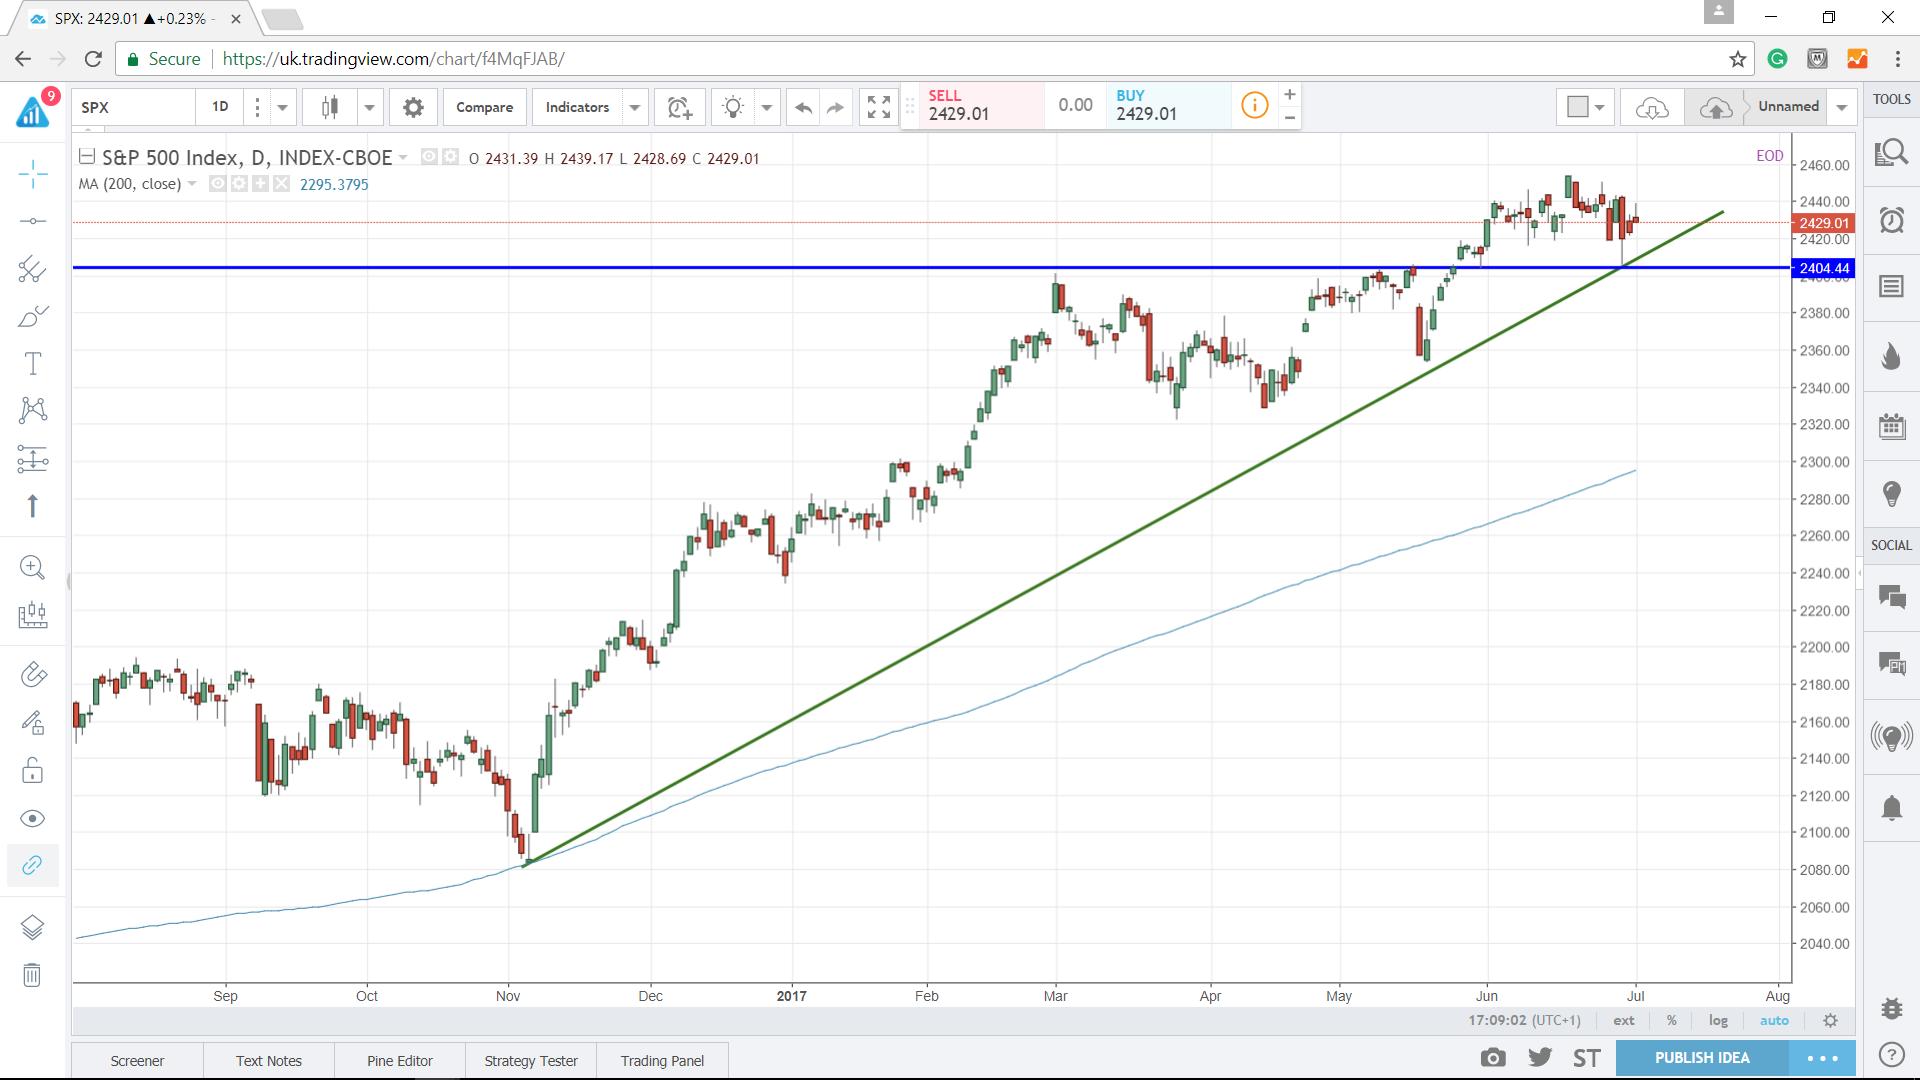 S&P500: SPX - Econ Alerts